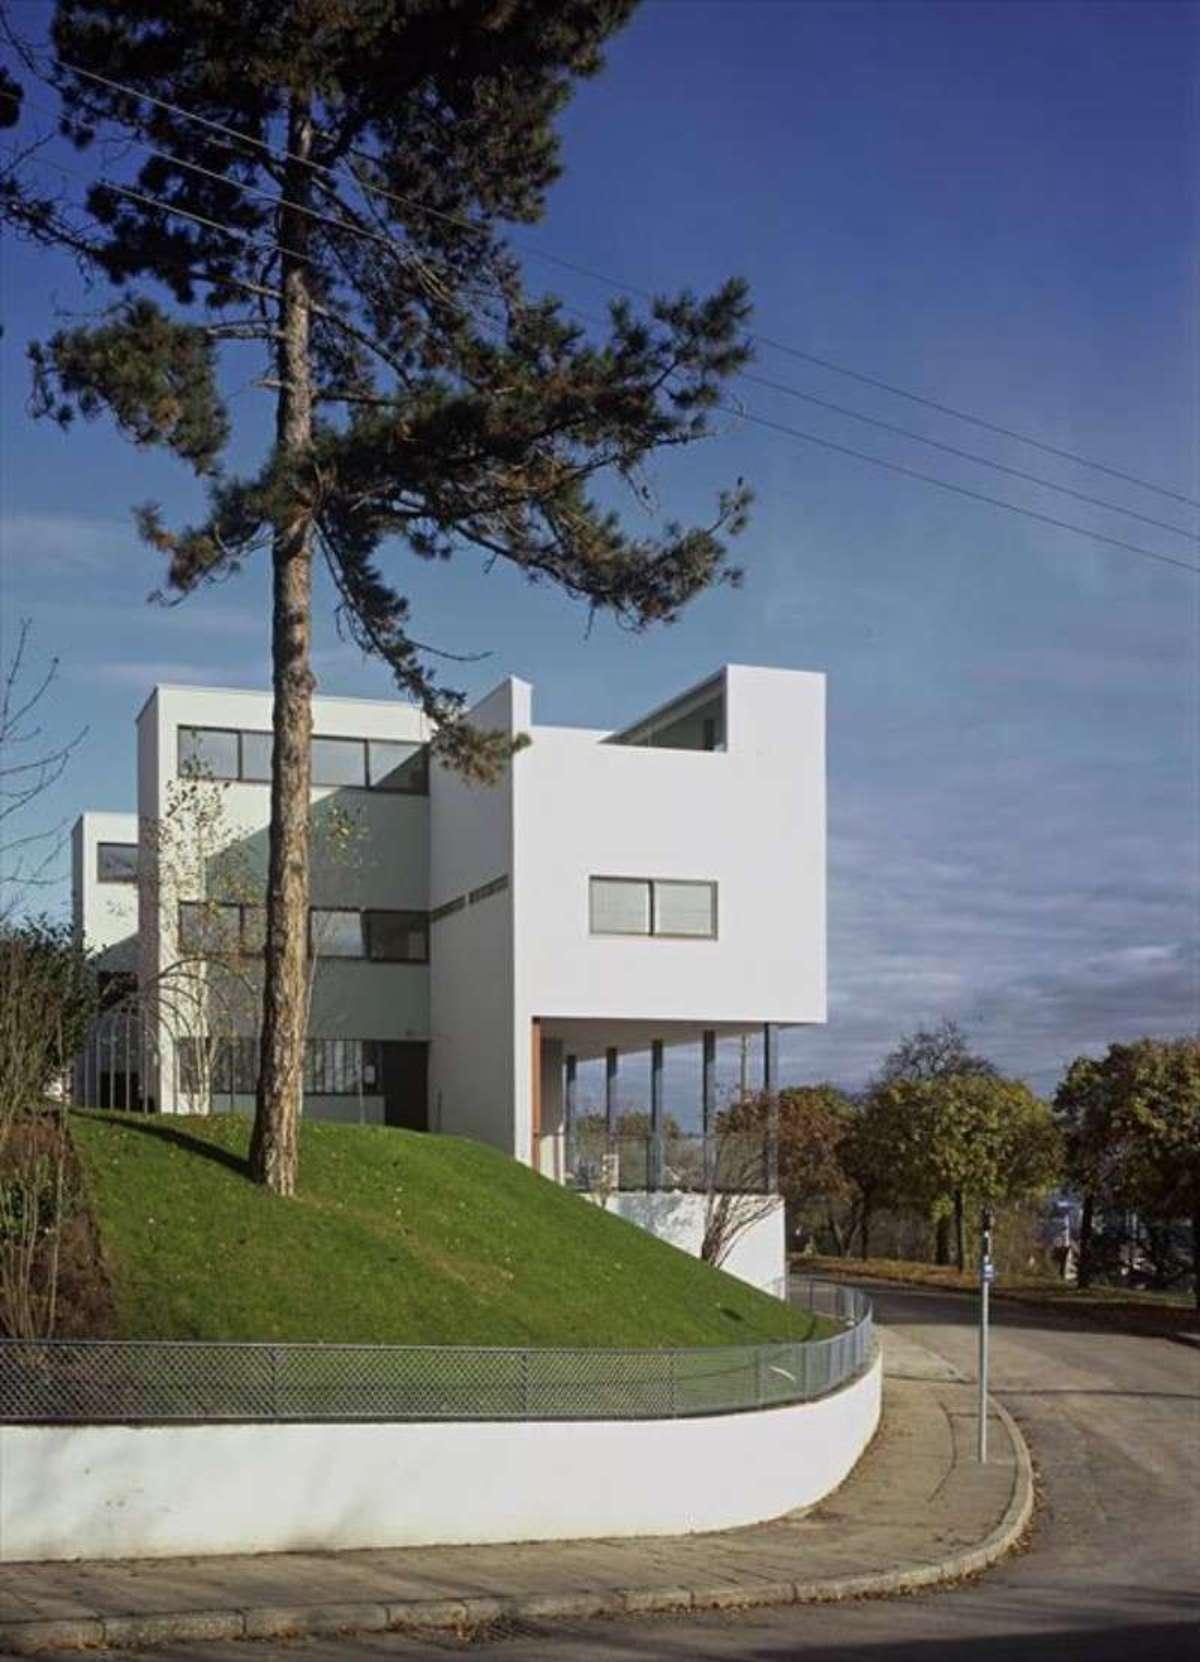 La Petite Maison Dans La Prairie Marie : petite, maison, prairie, marie, Corbusier's, Projects, Become, UNESCO, World, Heritage, Sites